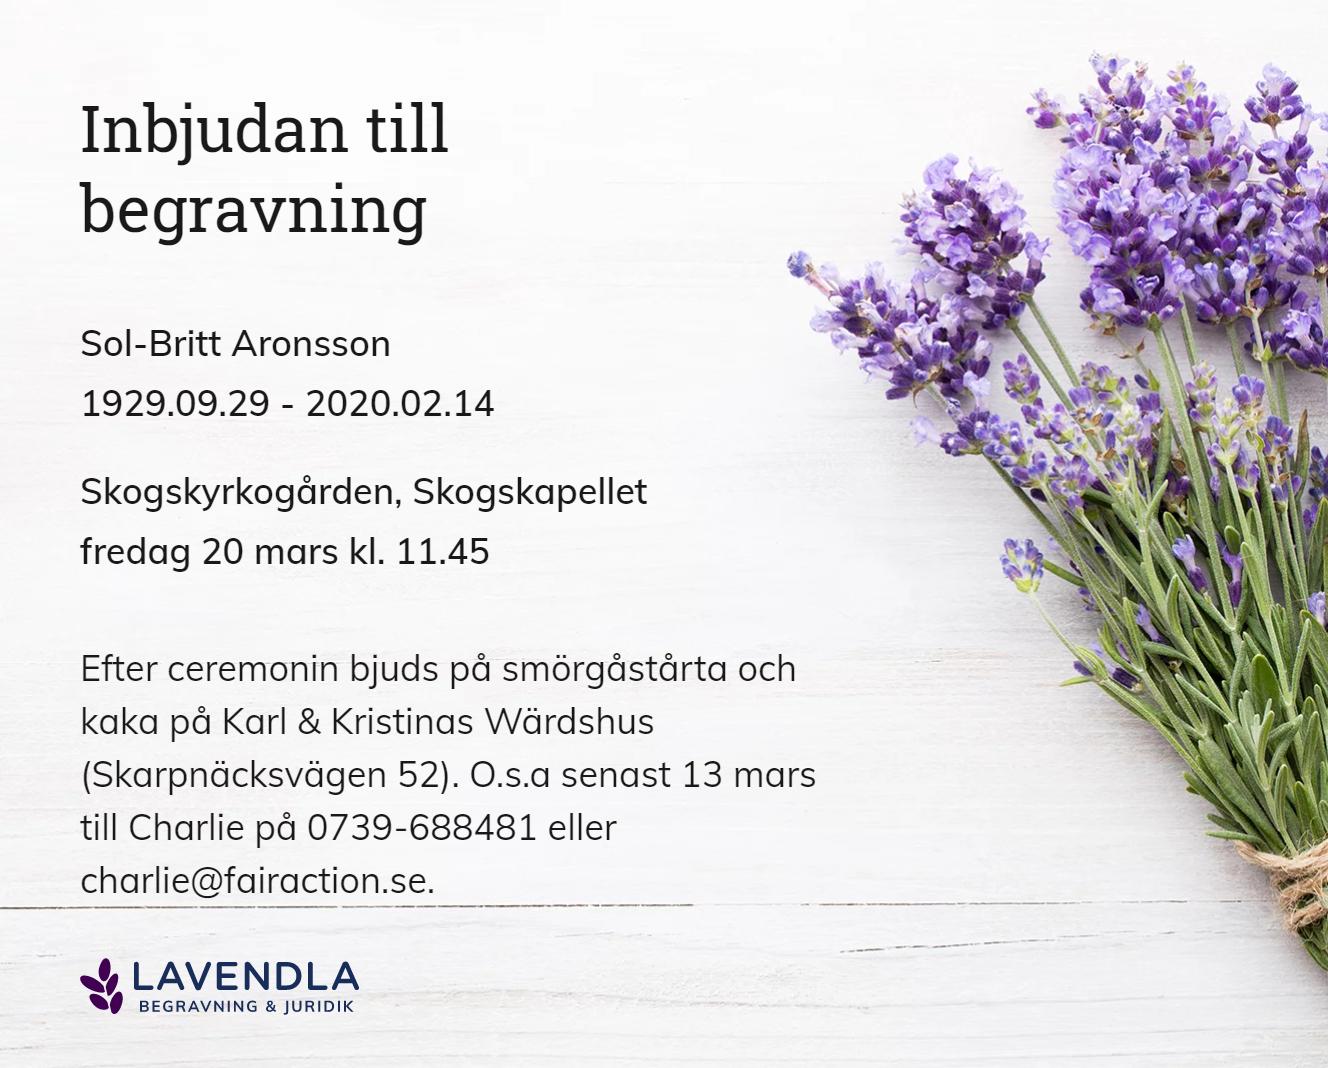 Inbjudningskort till ceremonin för Sol-Britt Aronsson